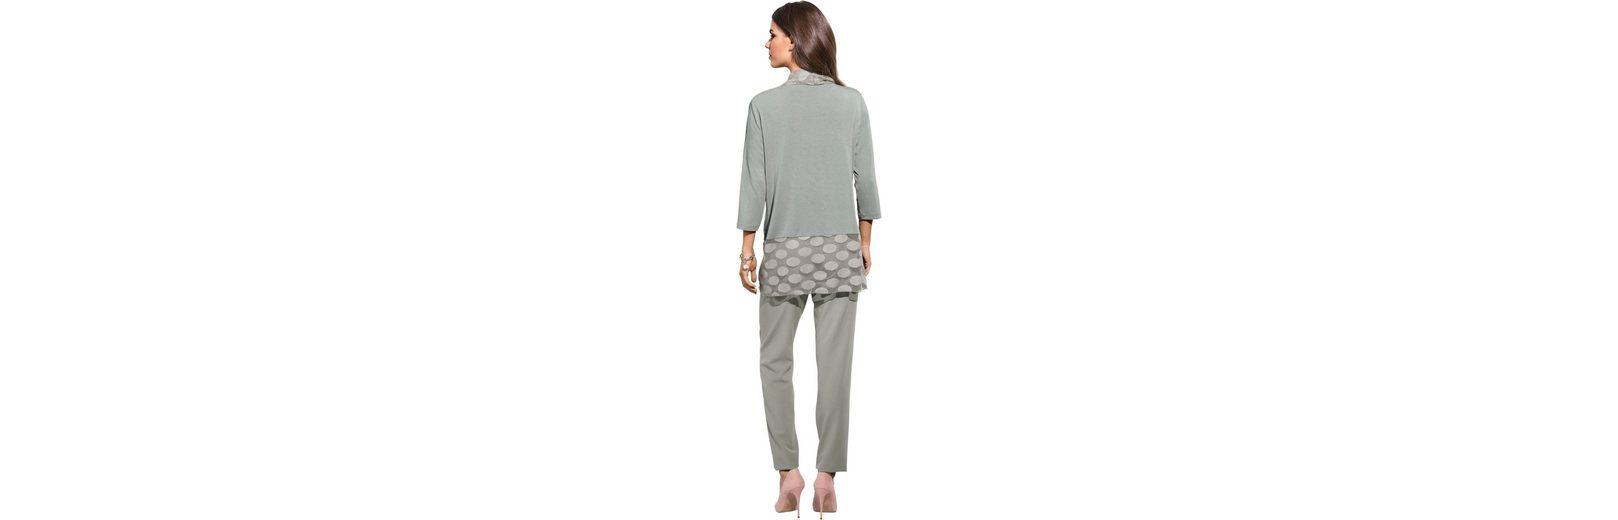 Lady Shirtjacke mit breiten, fließend fallenden Tupfen-Volants